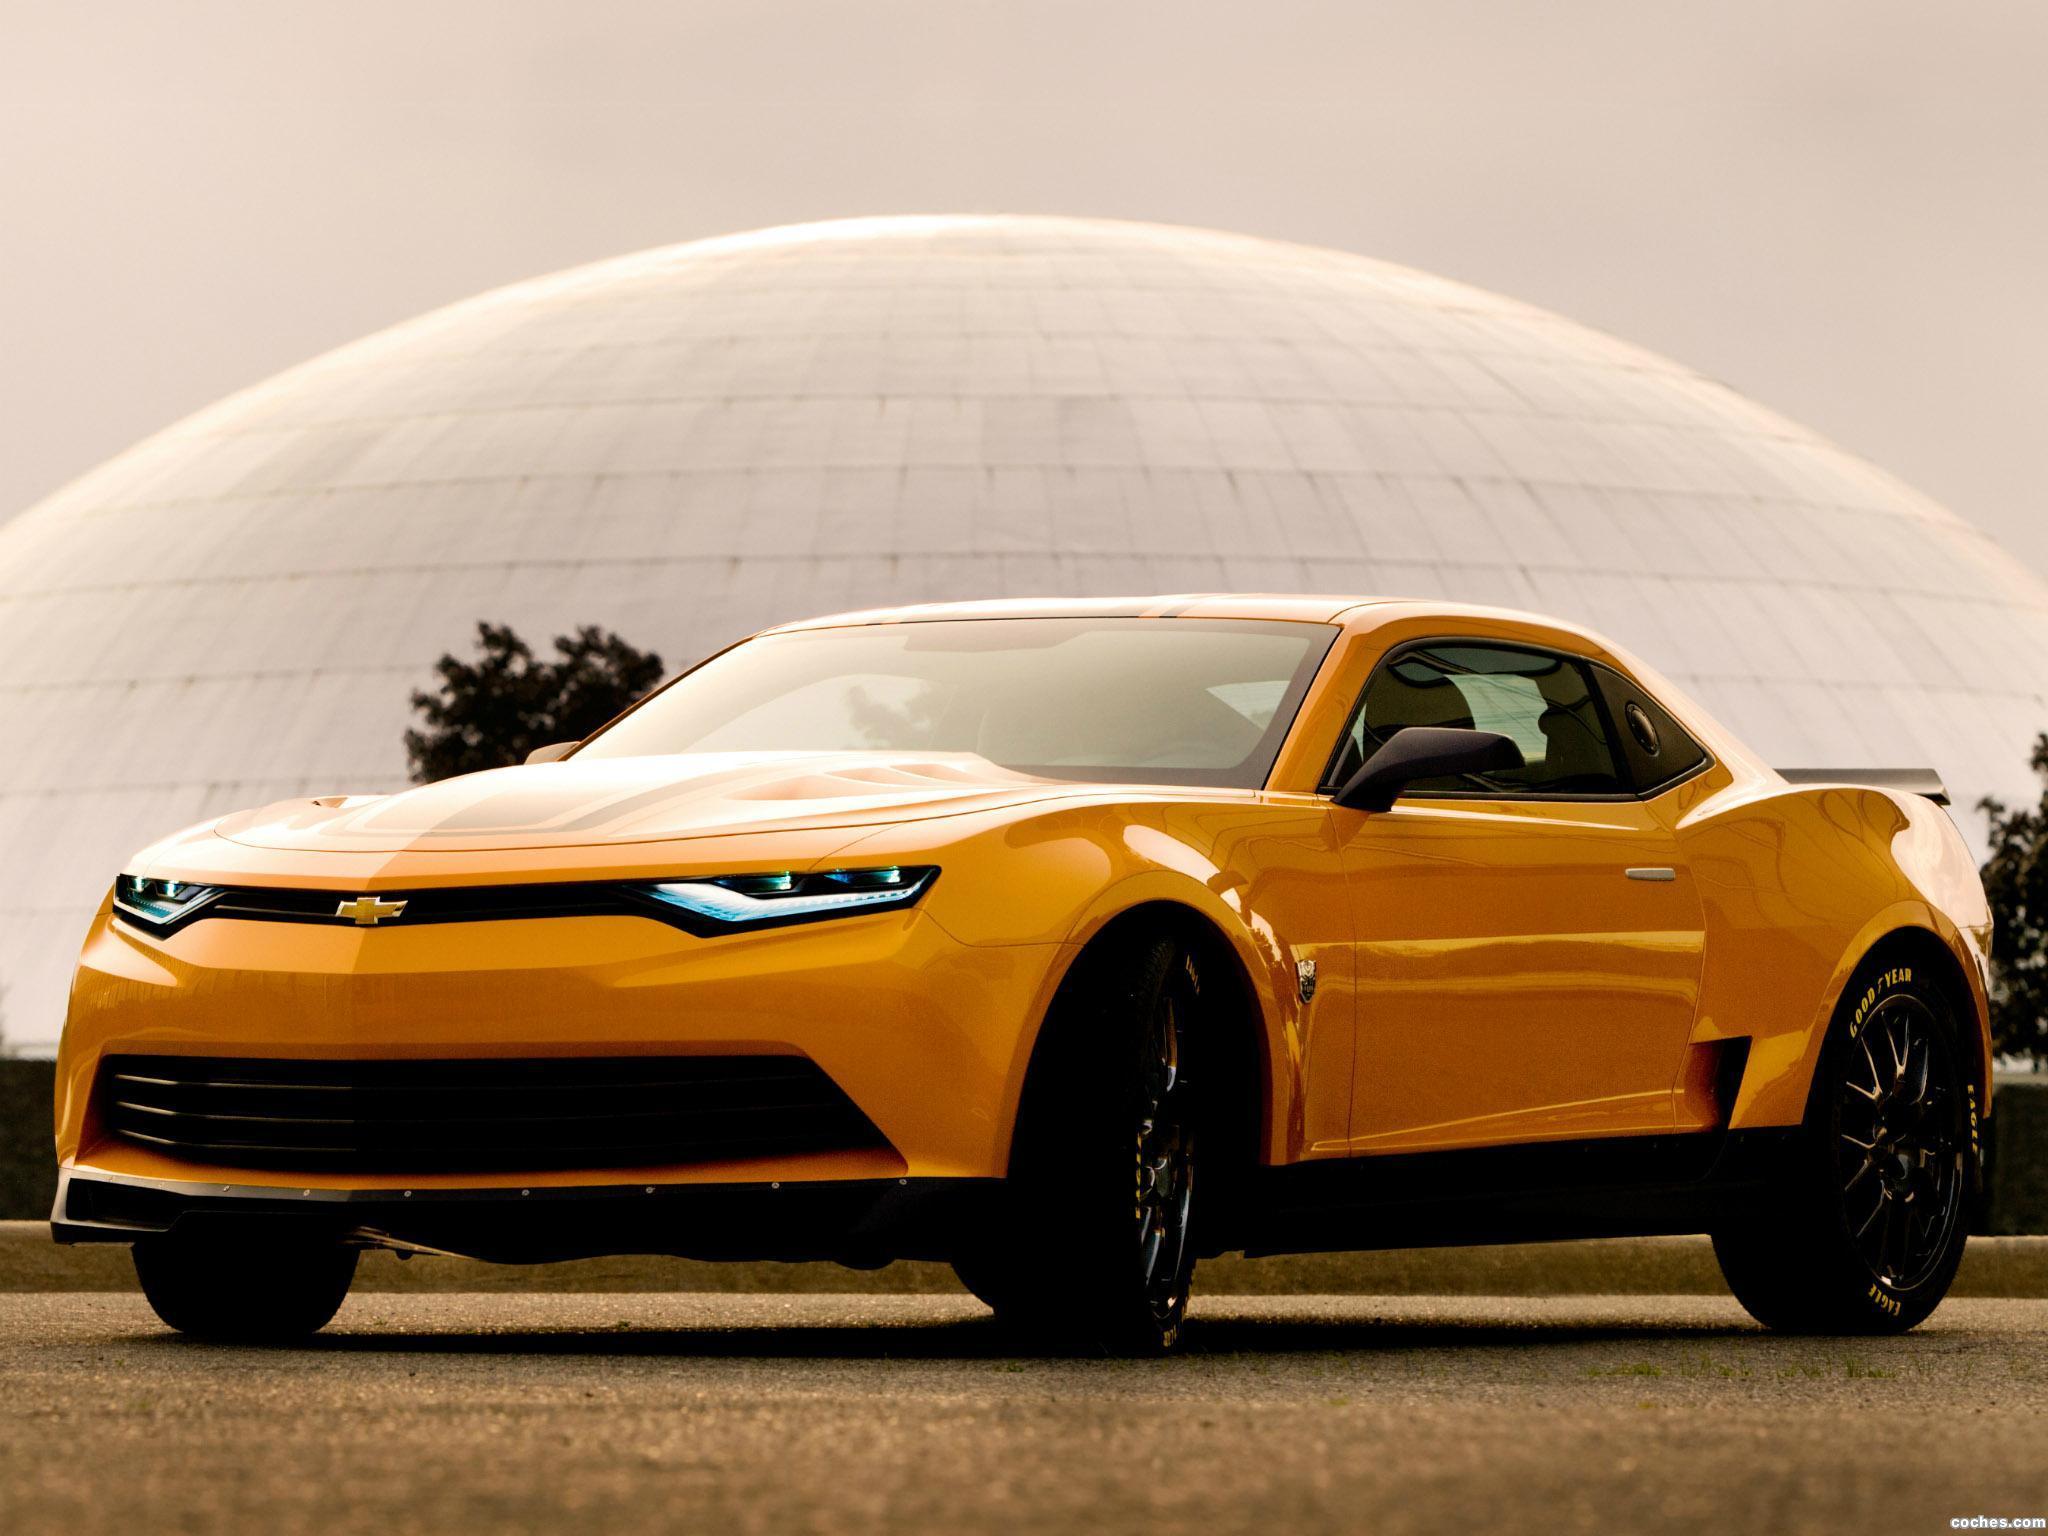 Foto 0 de Chevrolet Camaro Bumblebee Concept Transformers 4 2014